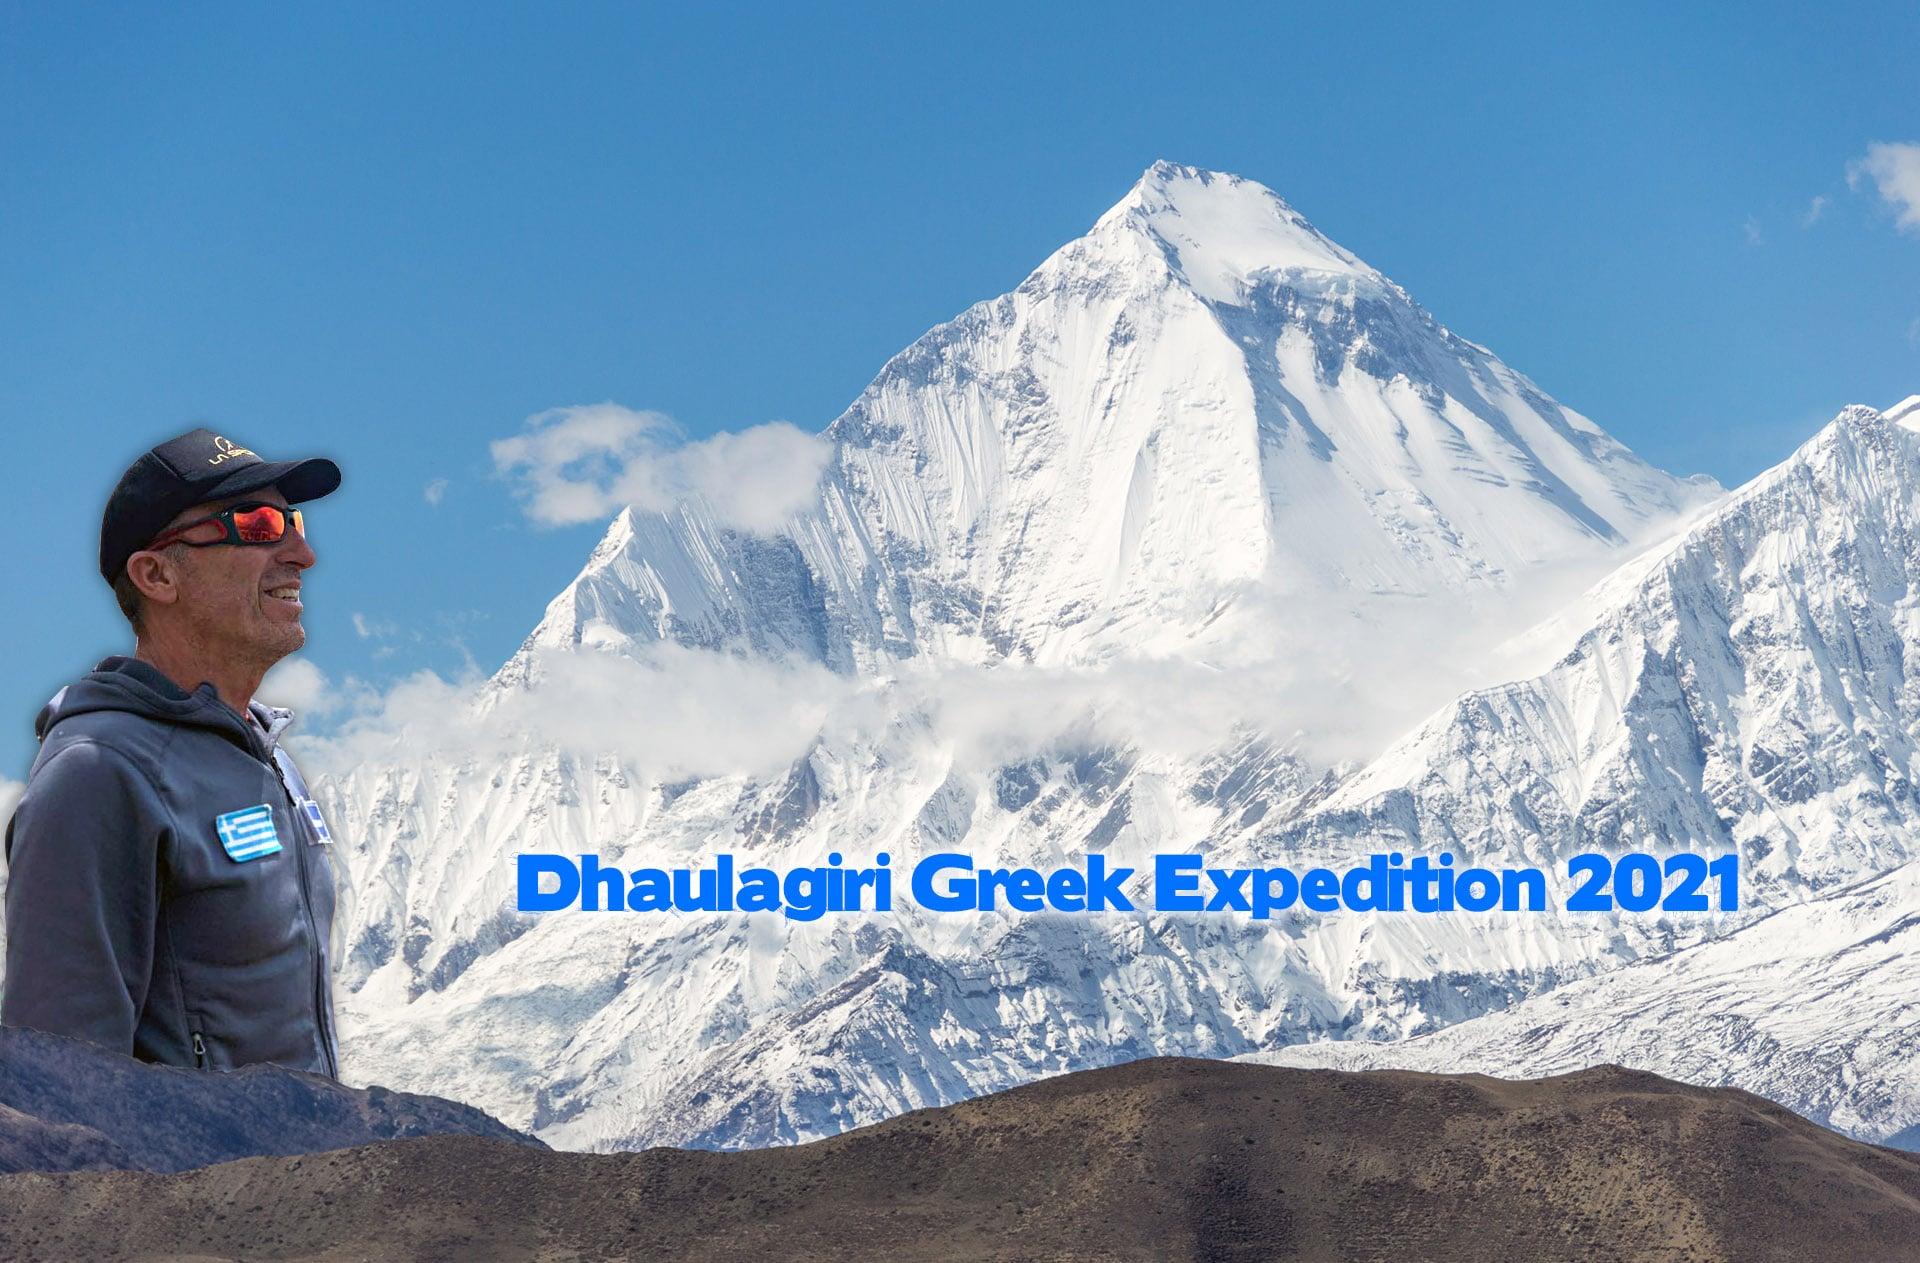 Αντώνης Συκάρης: Συνεχίζει για την 3η οκτάρα κορυφή μέσα σε διάστημα 3 μηνών, το Dhaulagiri!